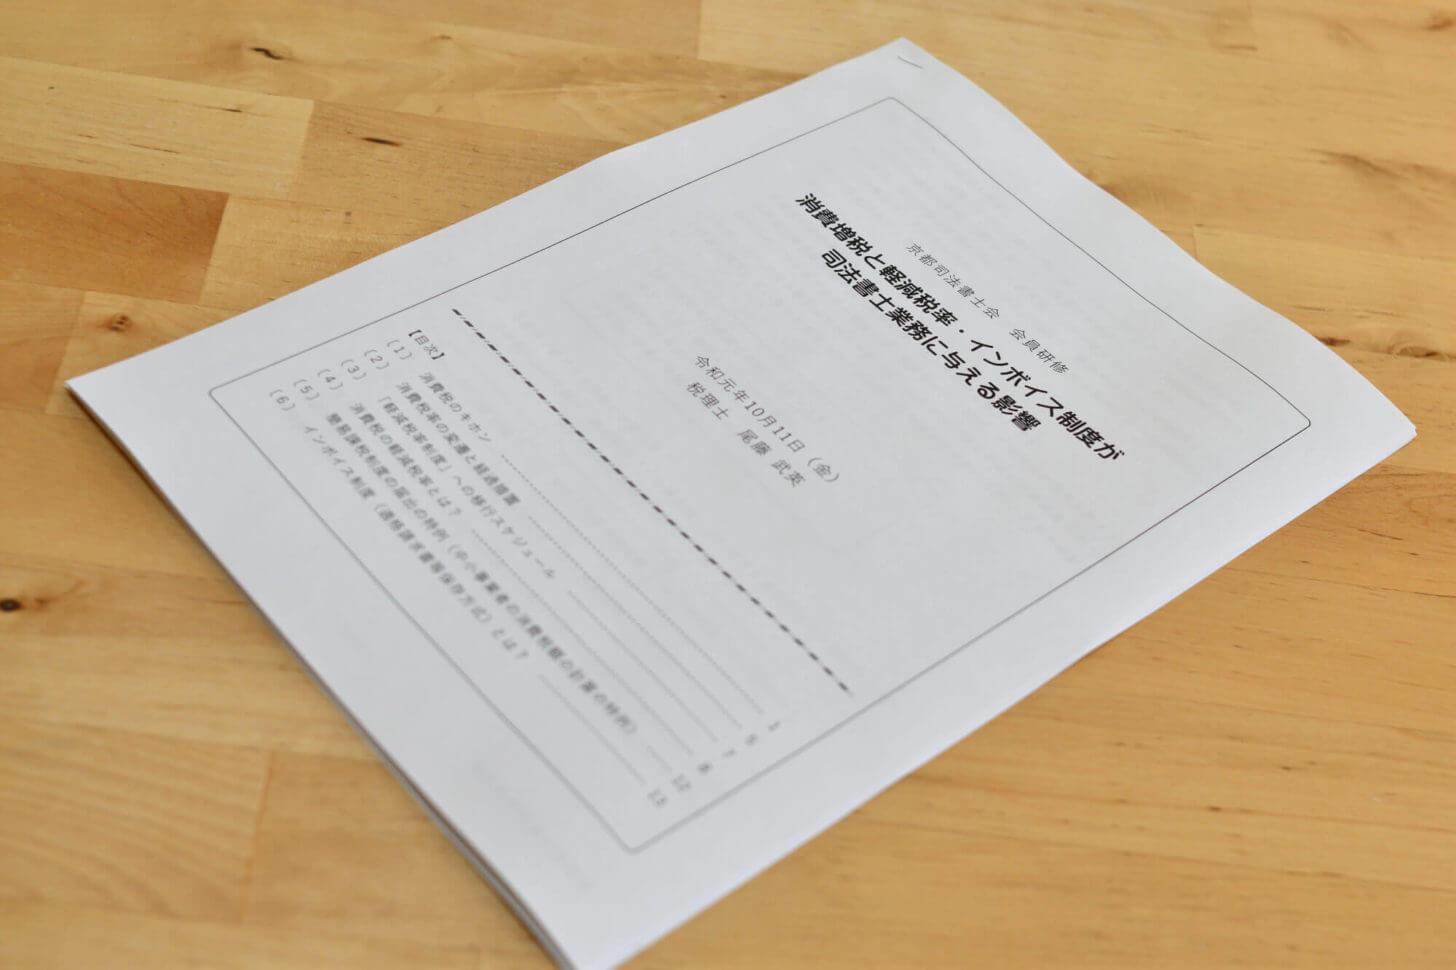 消費税軽減税率・インボイス研修で使用したレジュメ